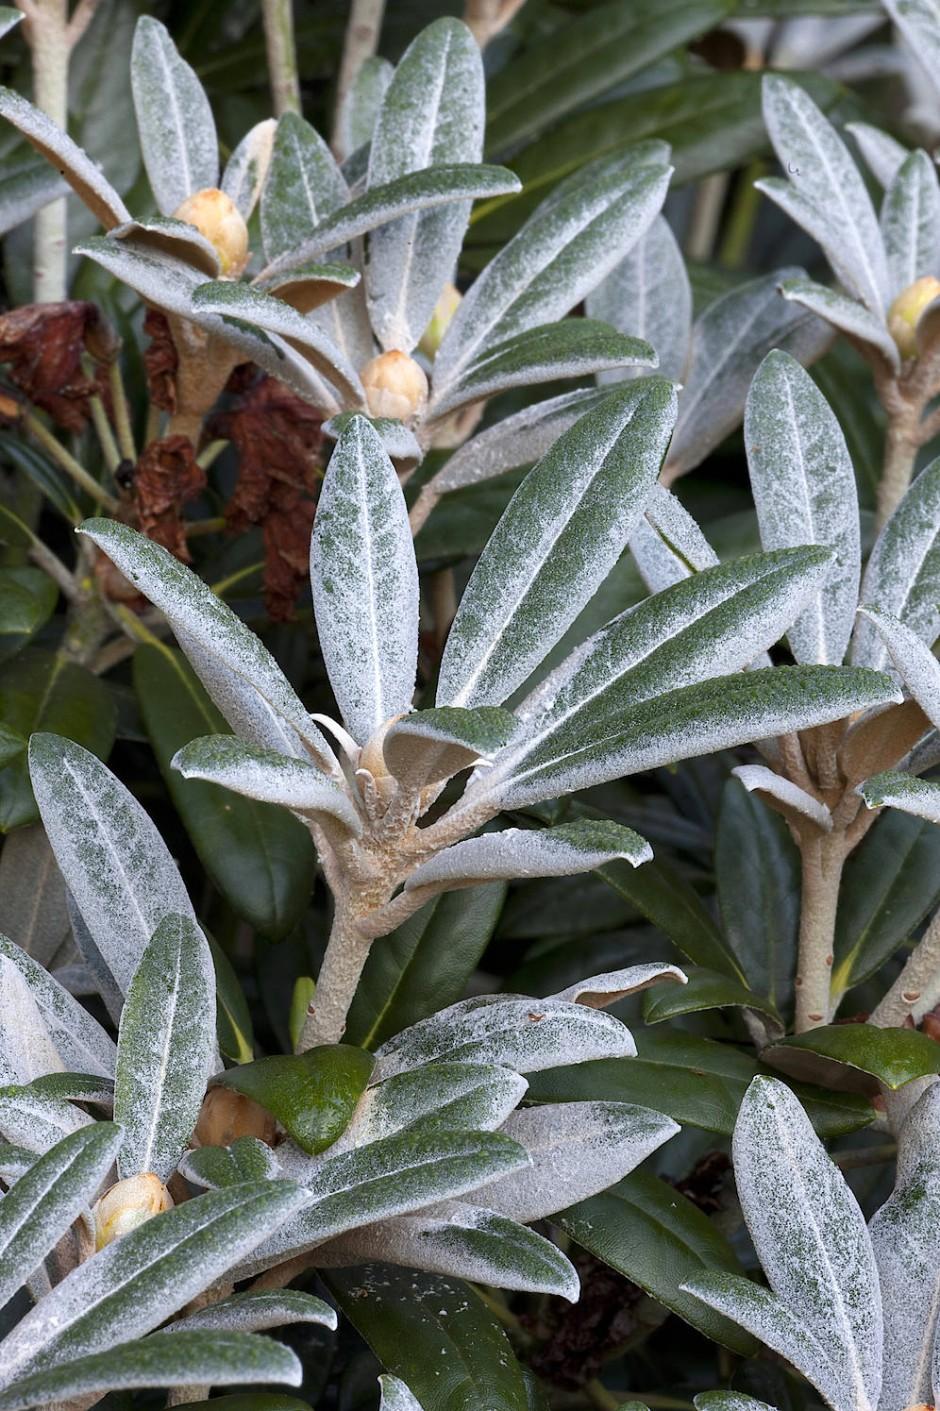 Krank? Kein bisschen! Der Überzug ist ein natürlicher Blattschutz der Pflanze.